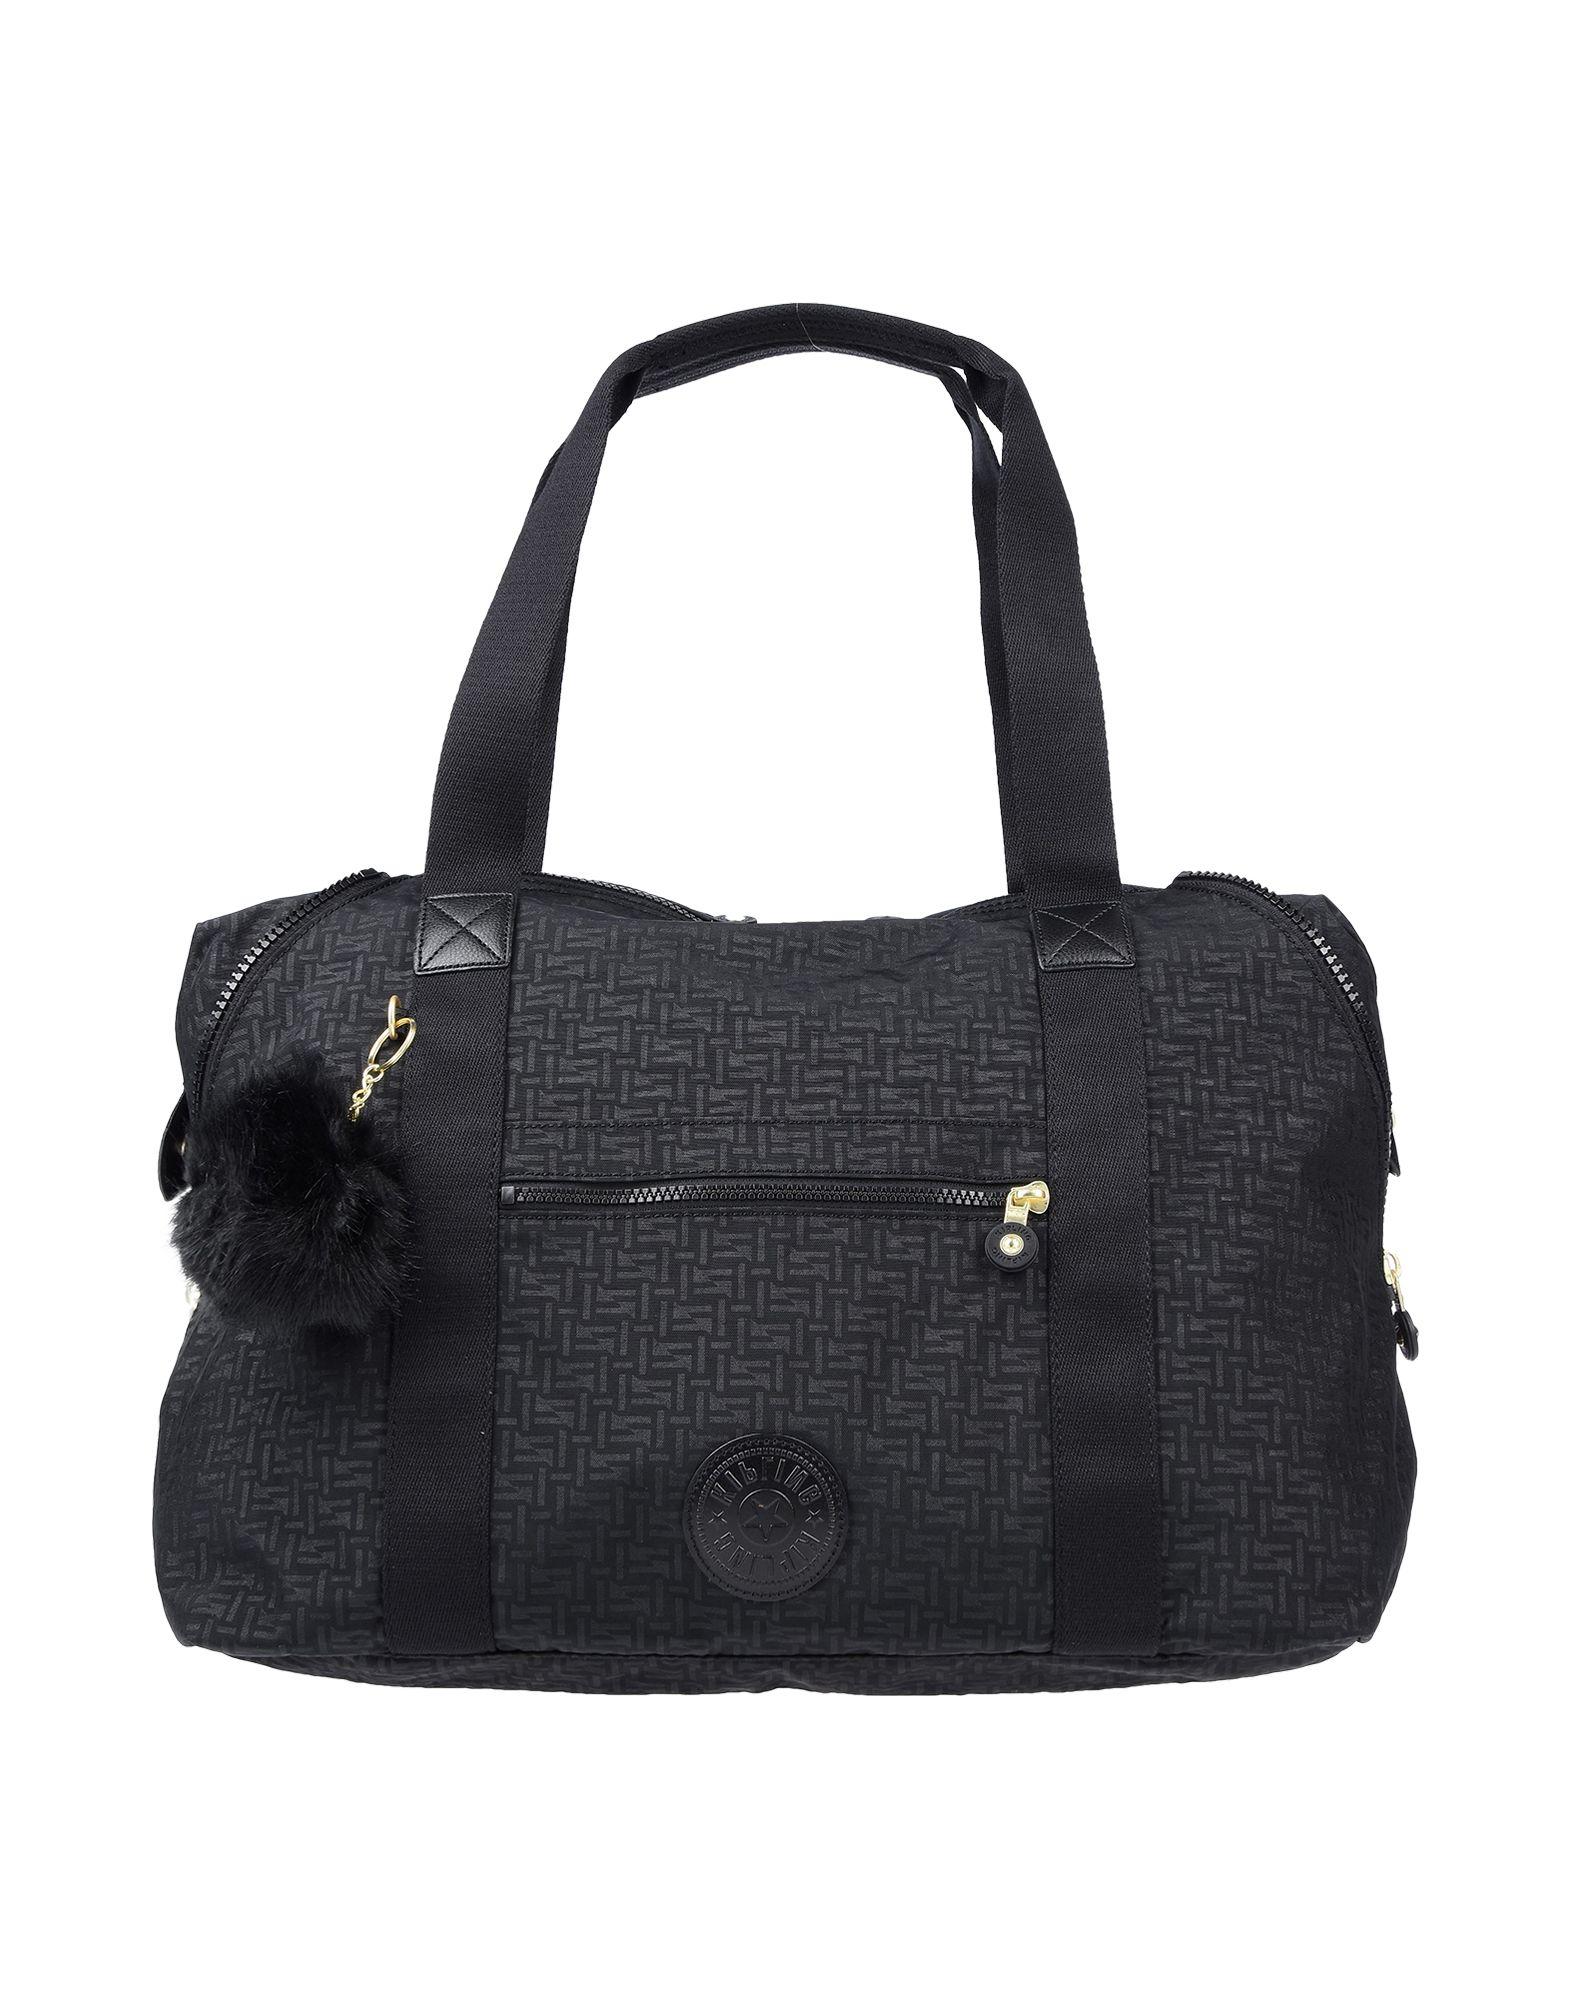 《送料無料》KIPLING レディース ハンドバッグ ブラック 紡績繊維